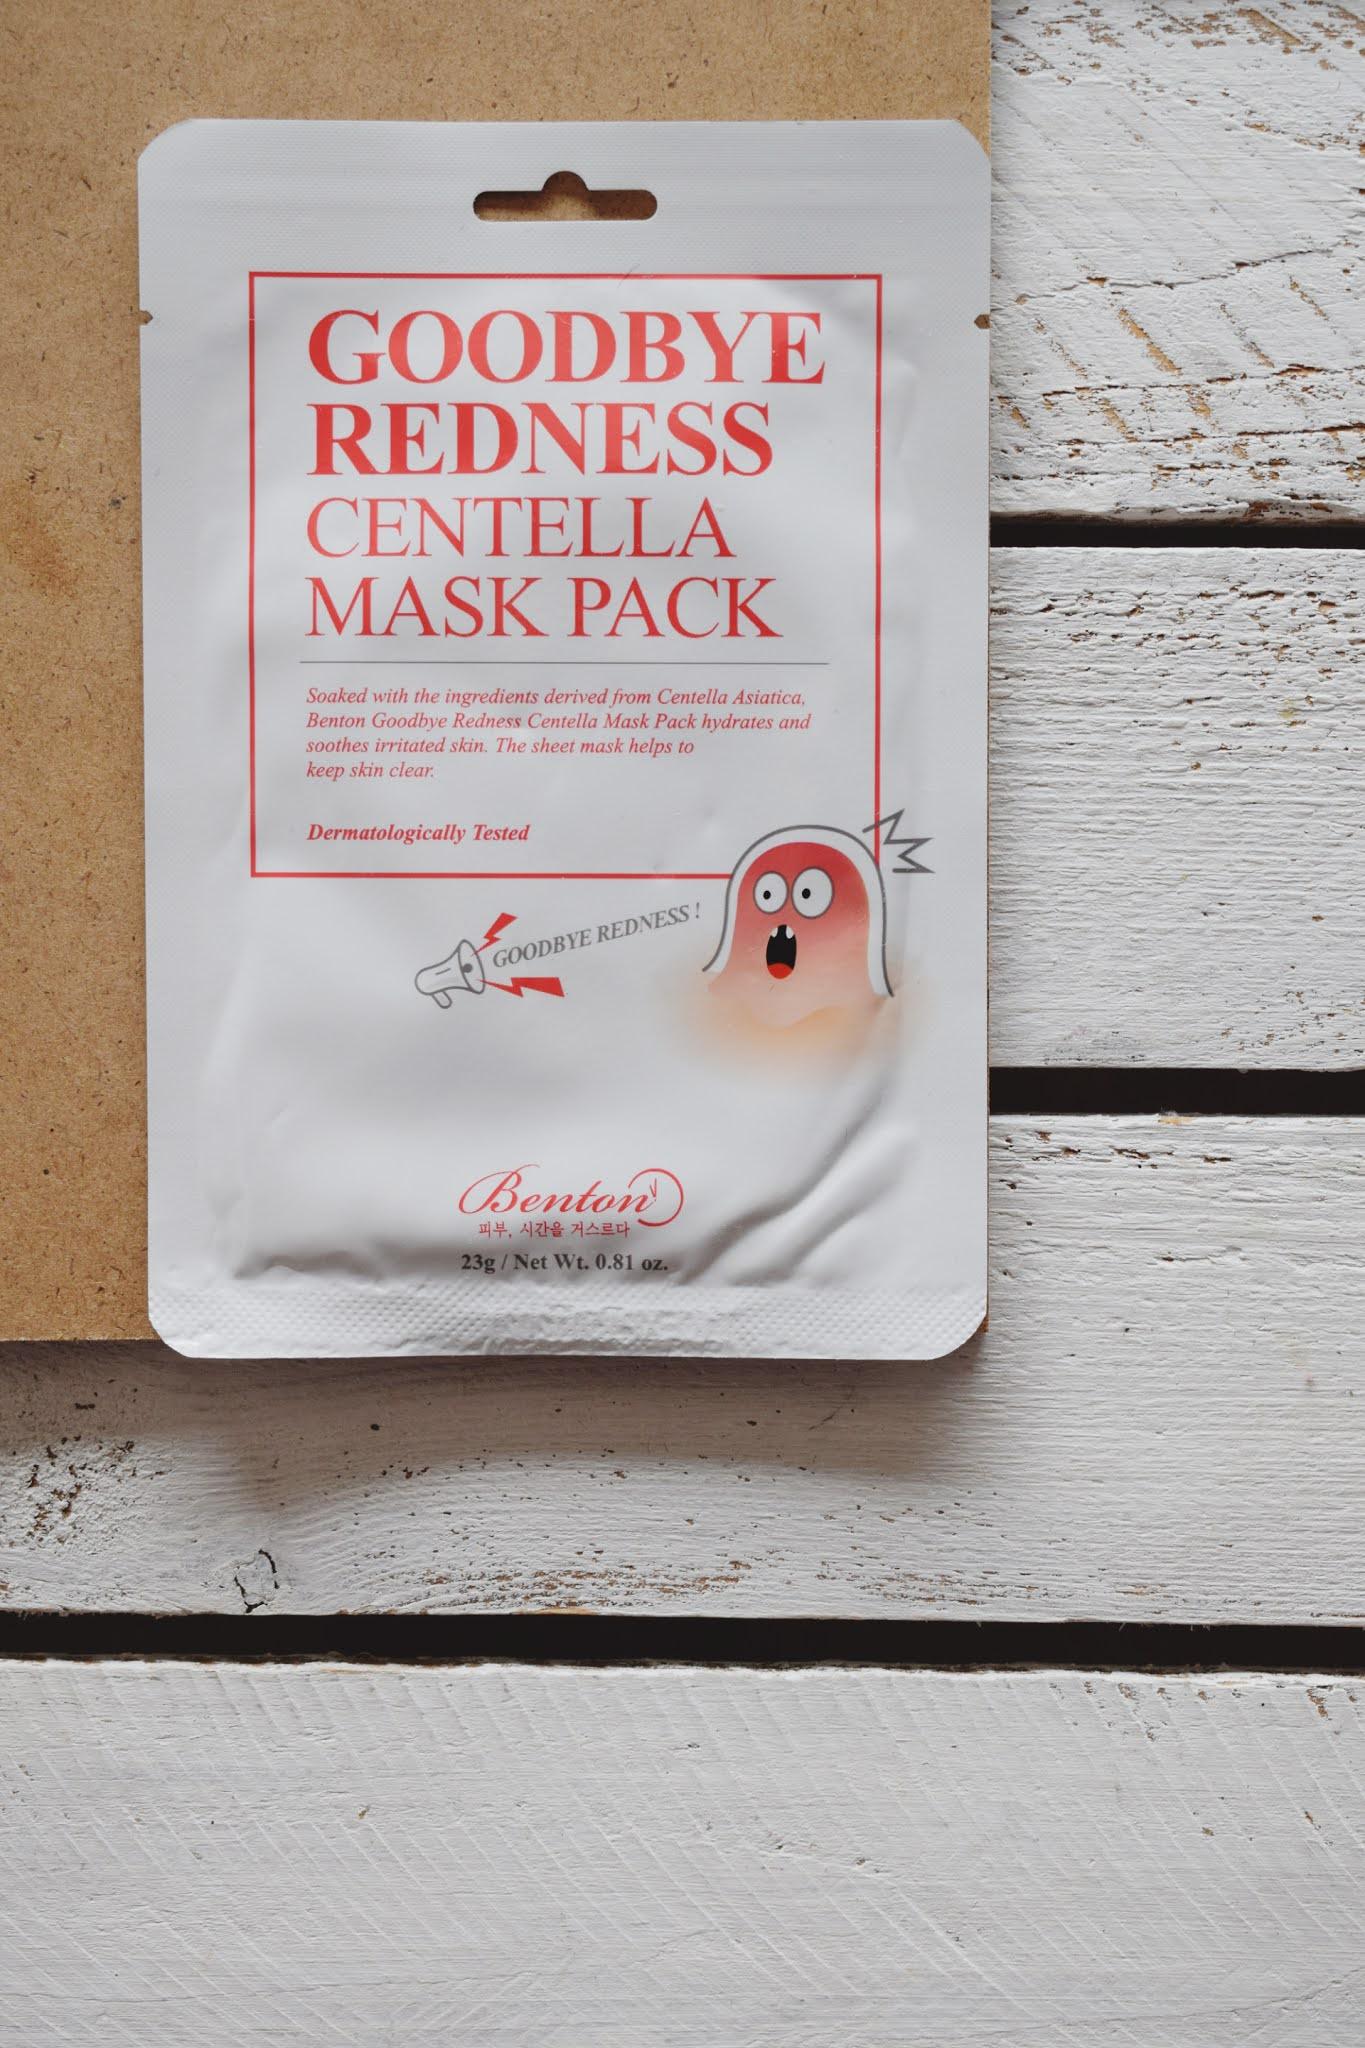 Benton, Goodbye redness centella mask pack